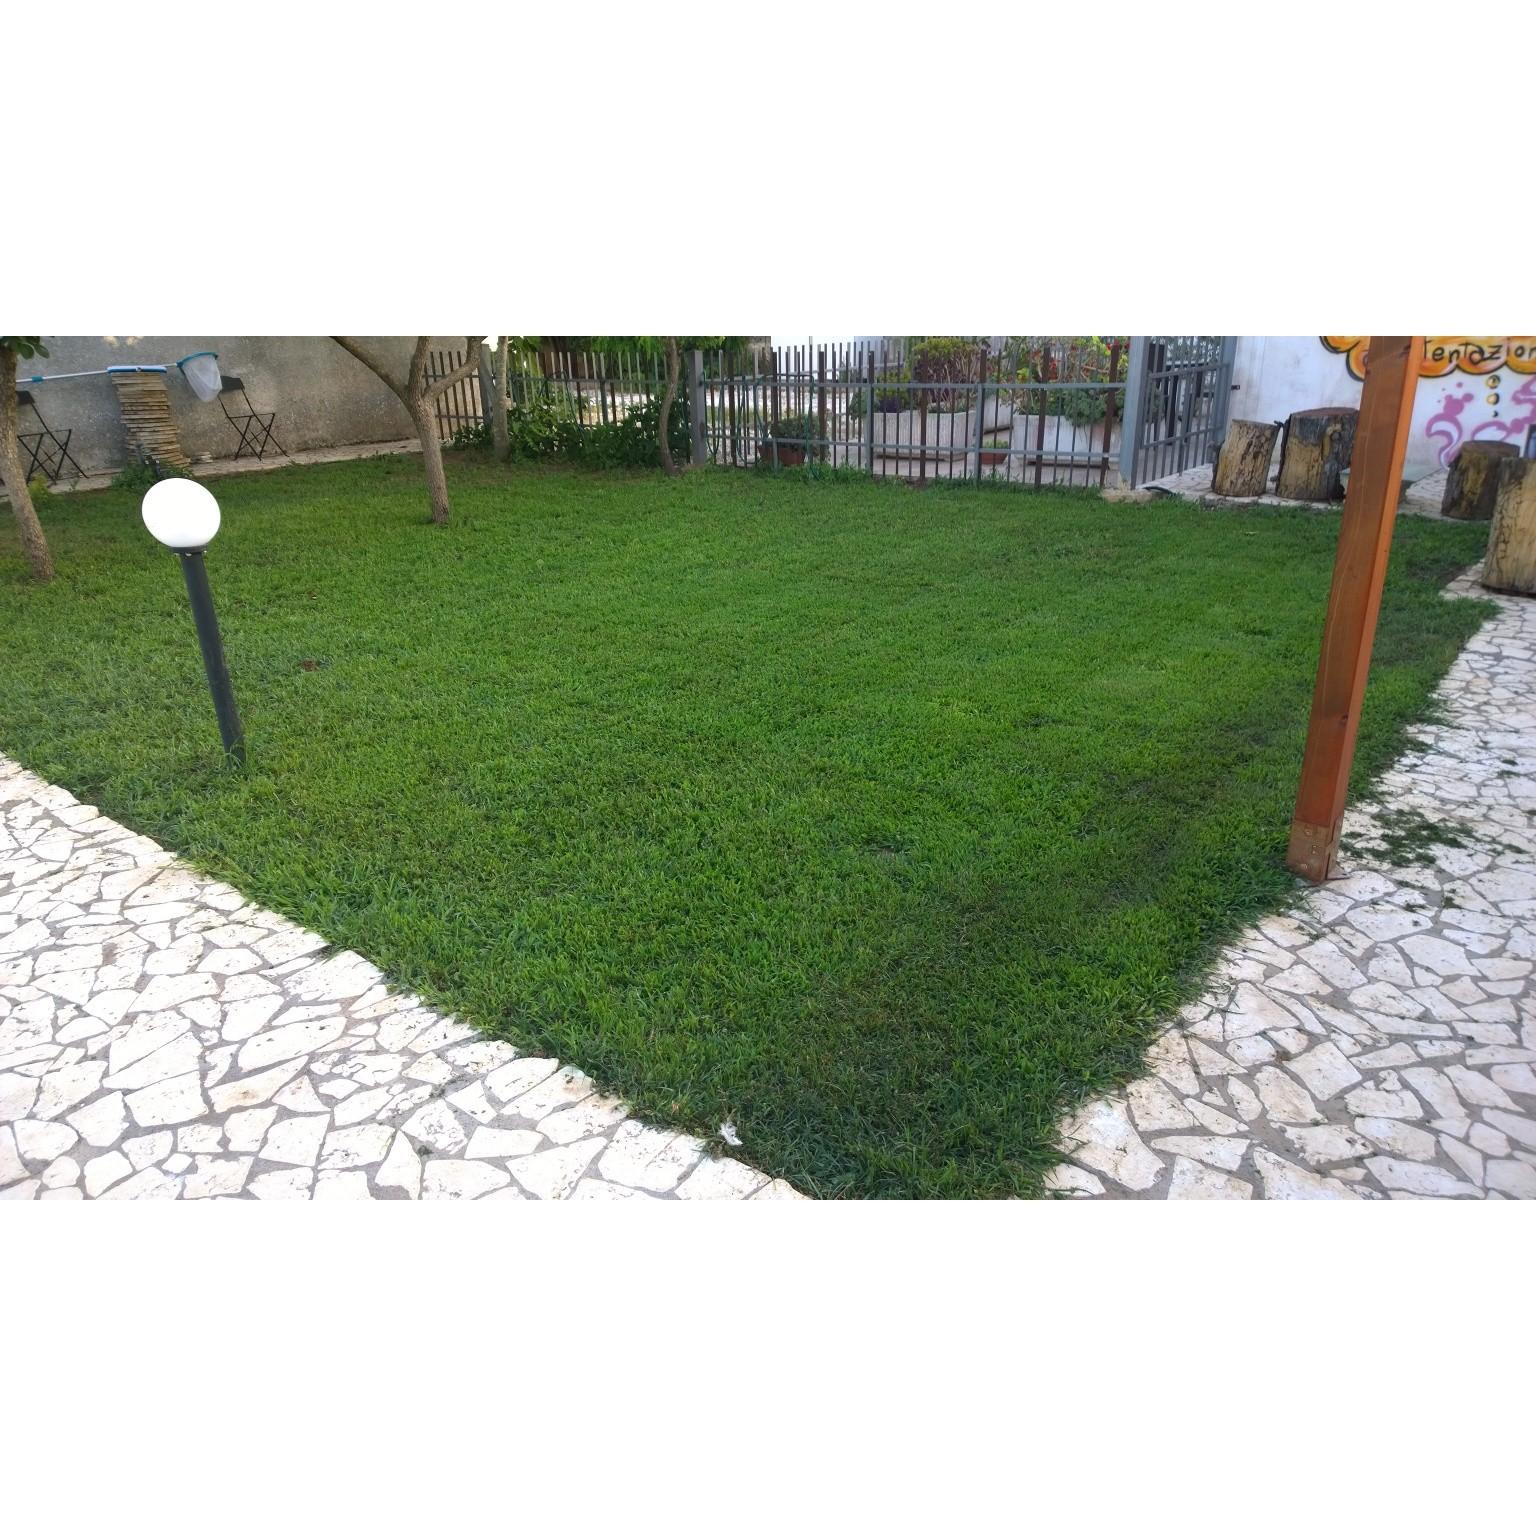 Manutenzione Prato Di Gramignone giardino con ghiaia- pagina 5 - cura del verde